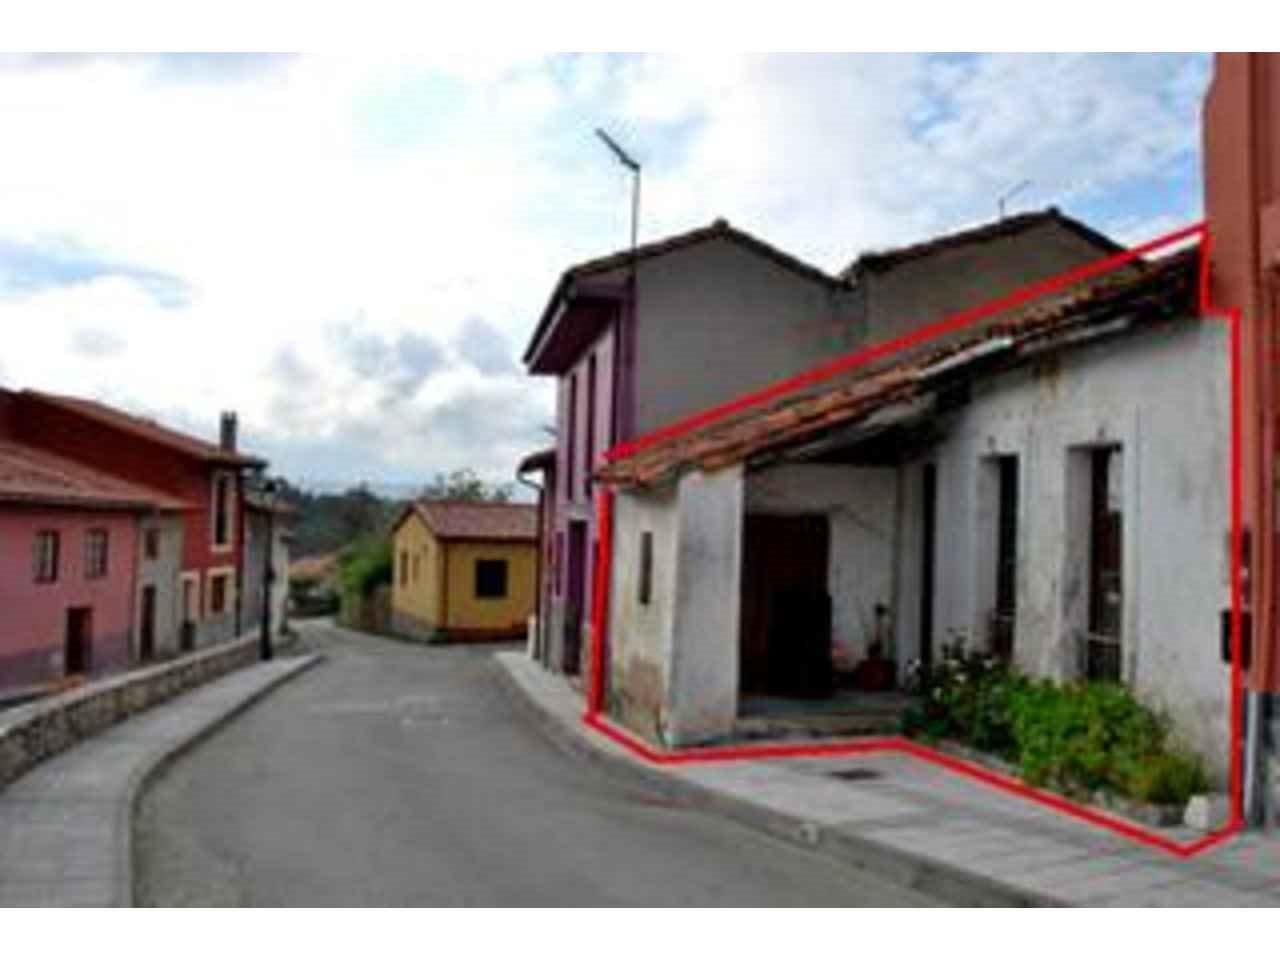 3 chambre Finca/Maison de Campagne à vendre à Caravia - 45 000 € (Ref: 3602296)